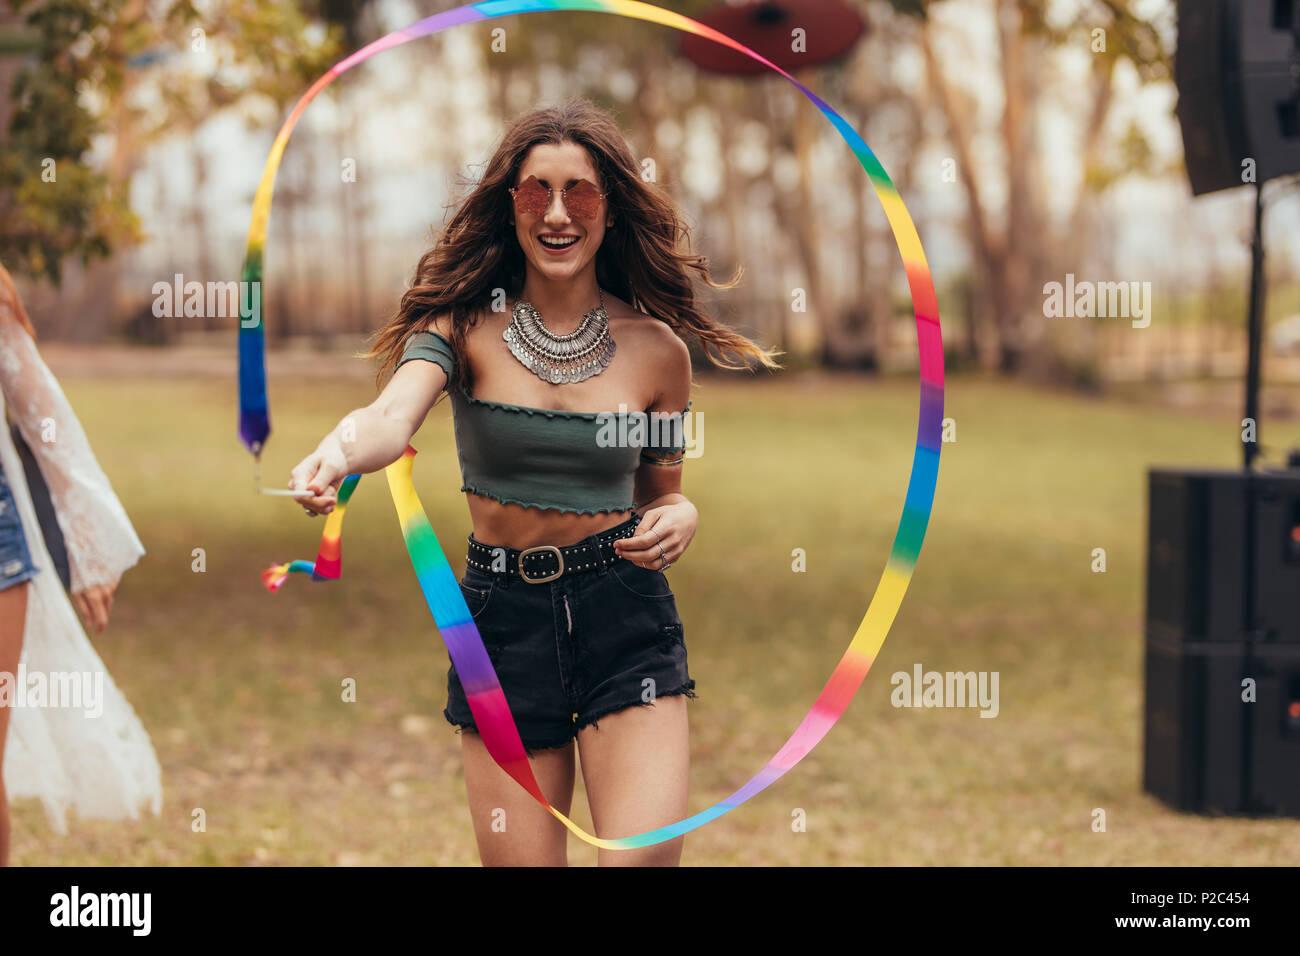 Schöne junge Frau spielt mit Band stick Music Festival. Weibliche hipster genießen Musik Festival. Stockbild